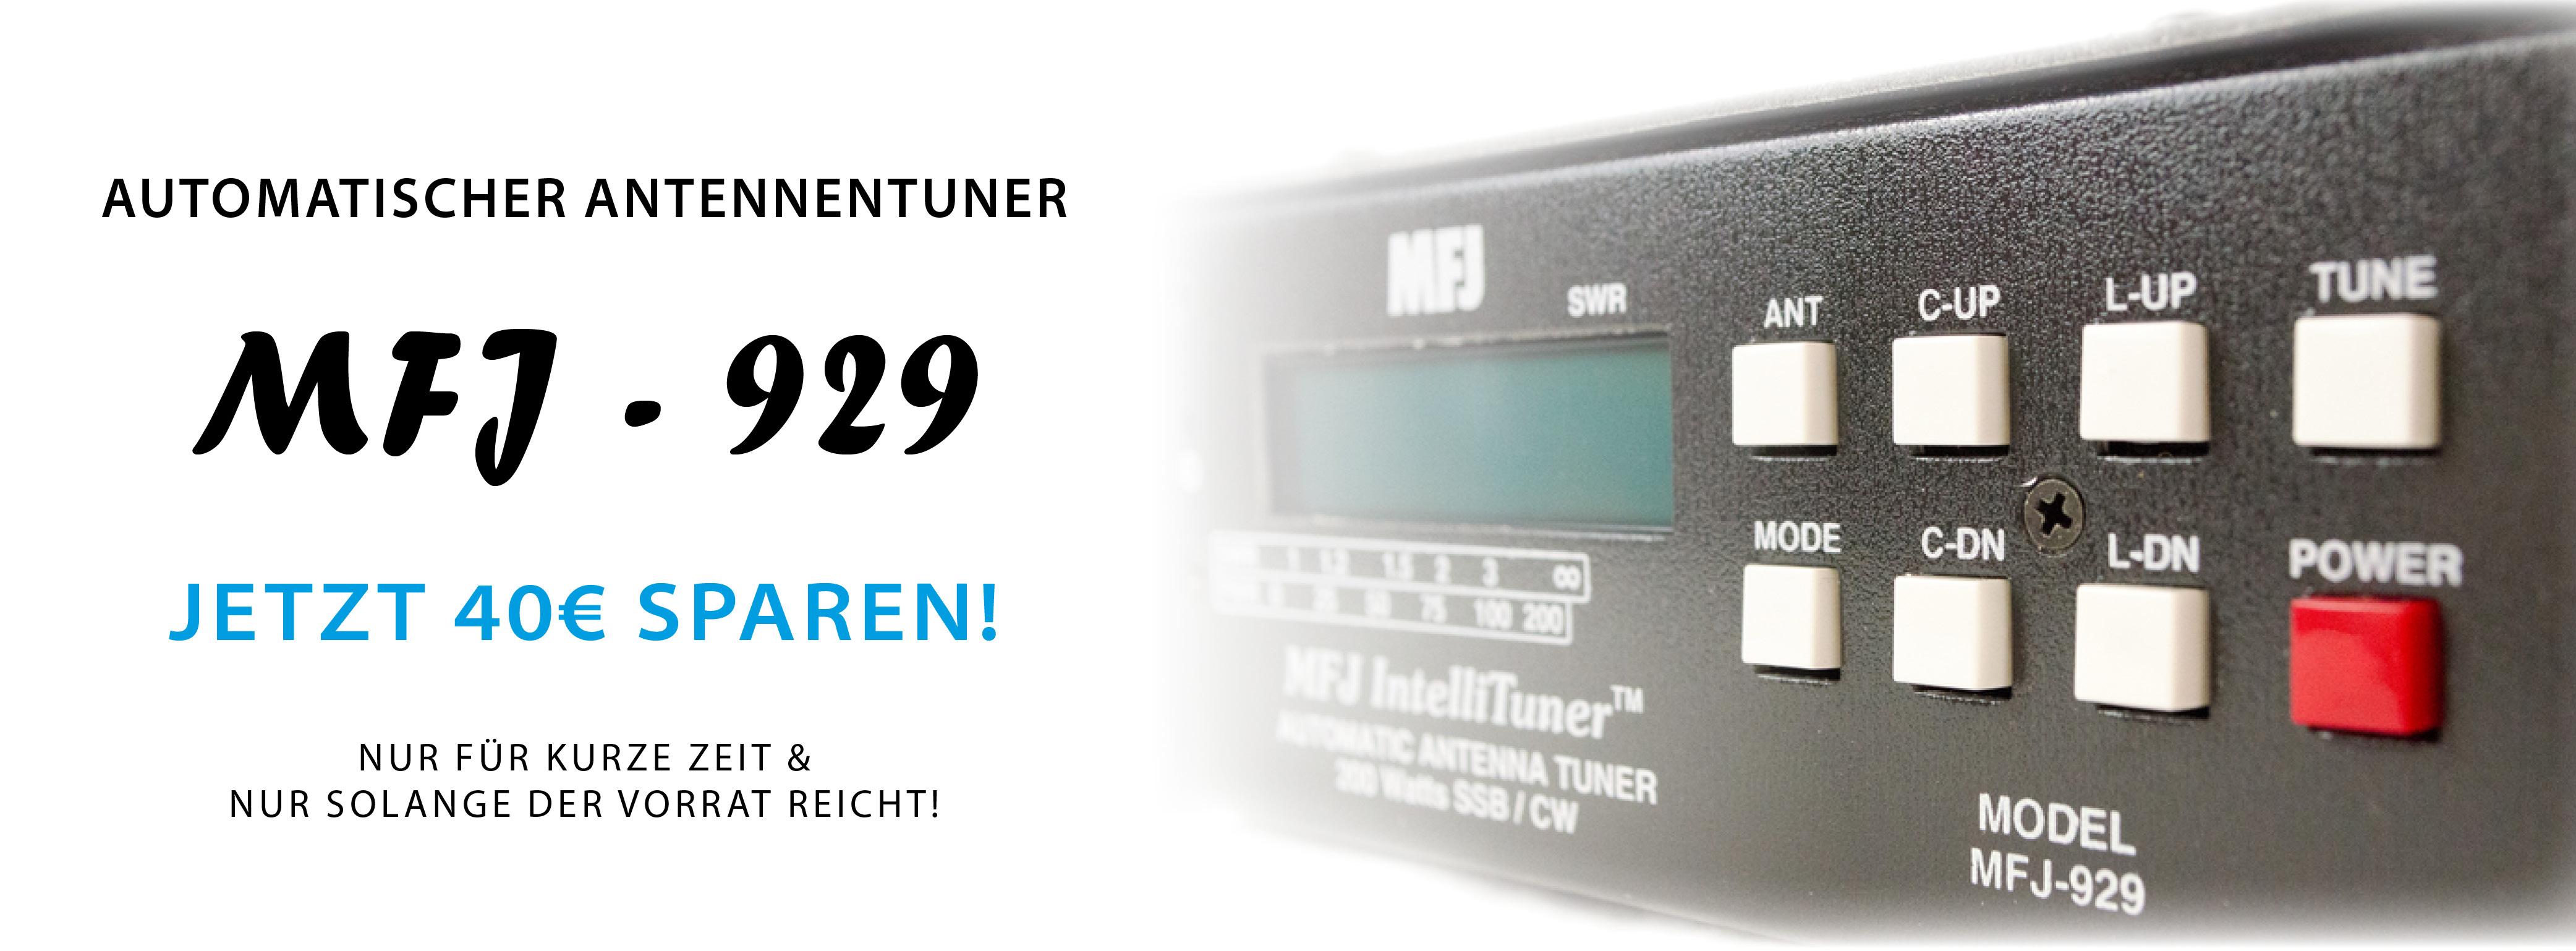 MFJ-929 zum Toppreis!